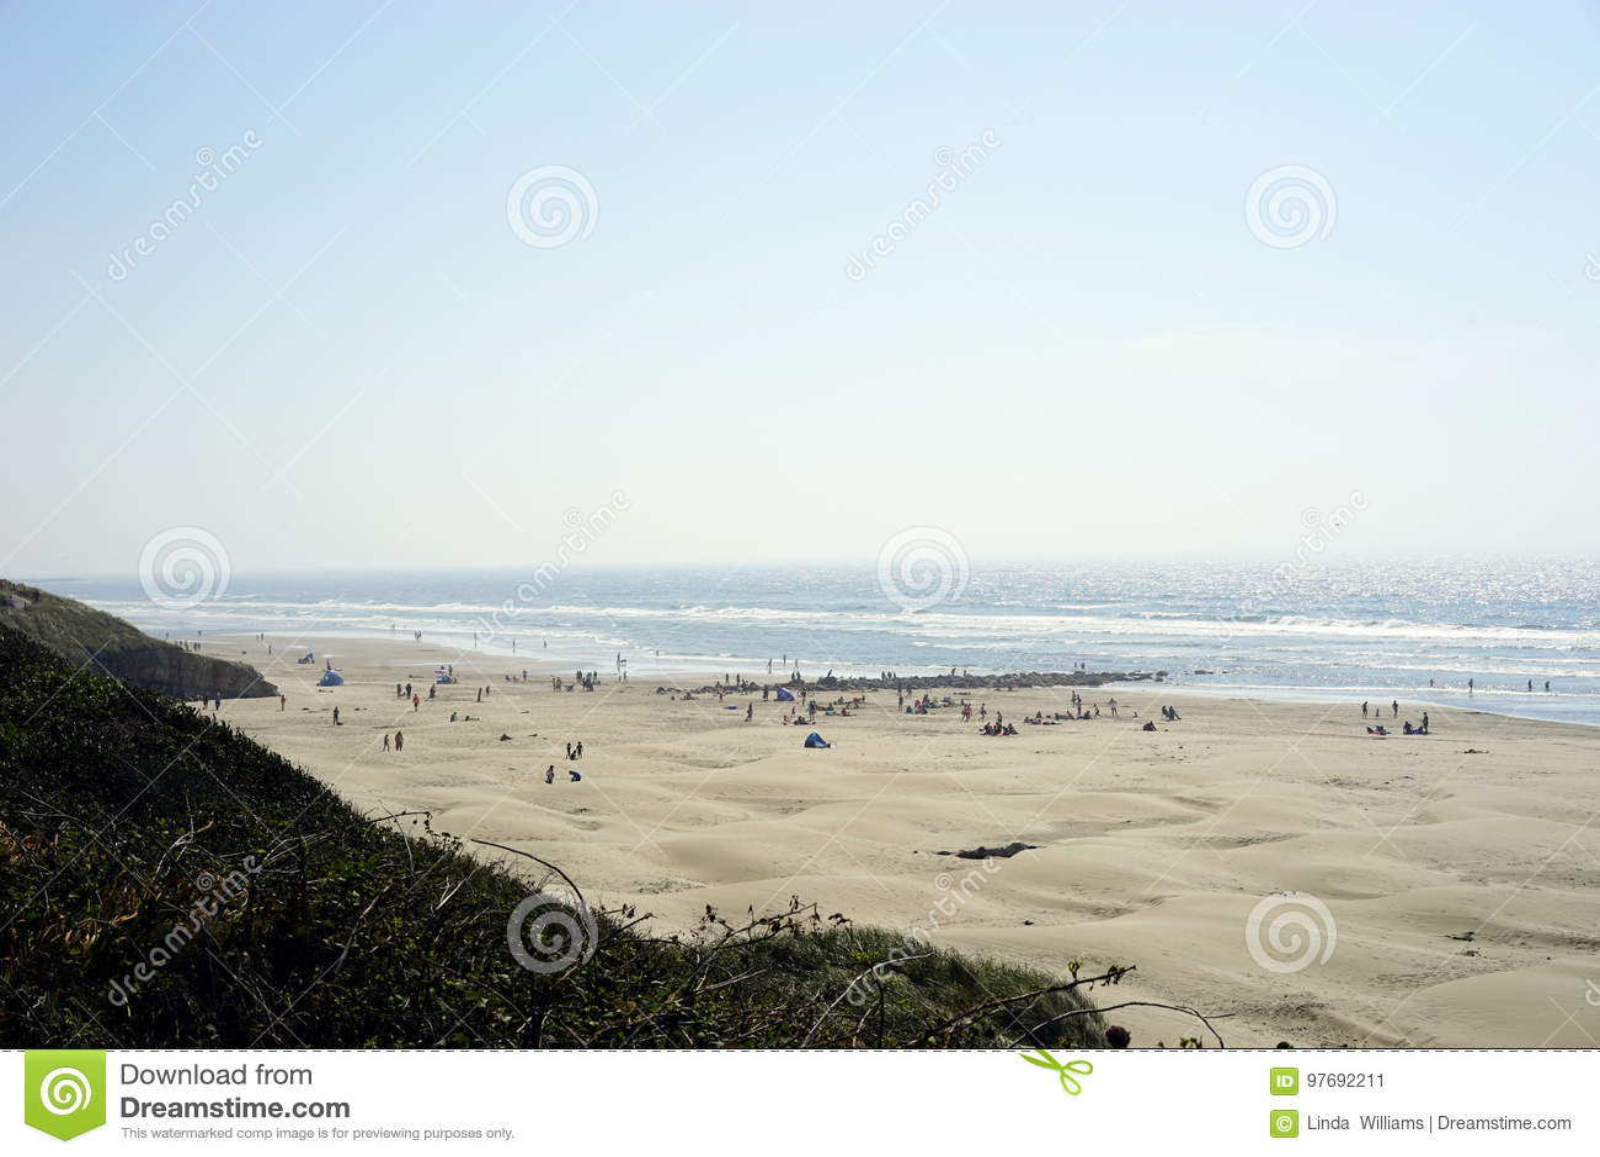 Surfer und Strandgeher zuerst, zum von Gesamtsonnenfinsternis zu sehen